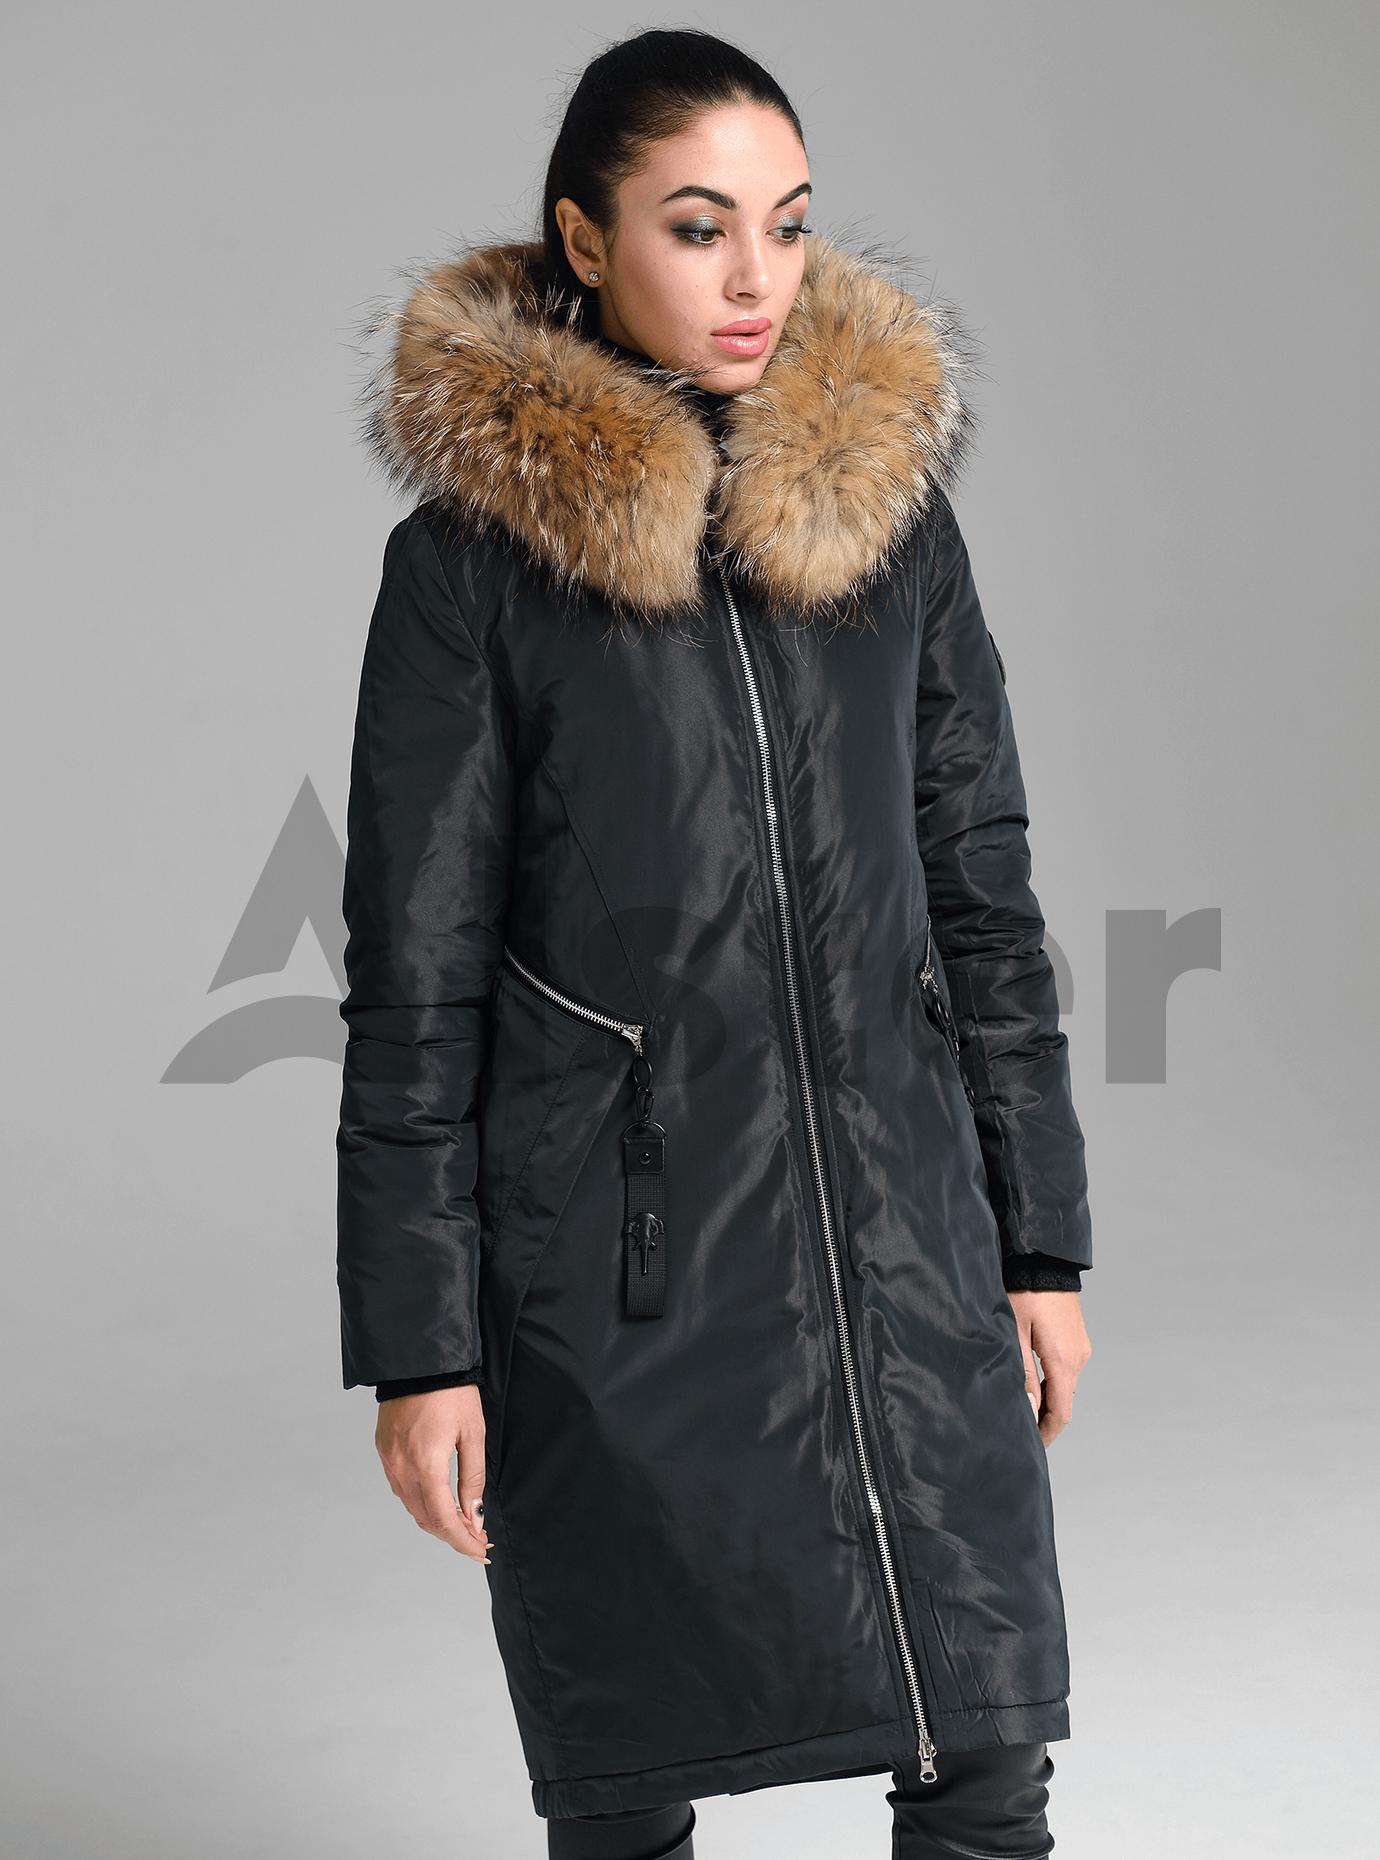 Куртка зимняя длинная прямого кроя с мехом енота Тёмно-зелёный S (05-V191246): фото - Alster.ua